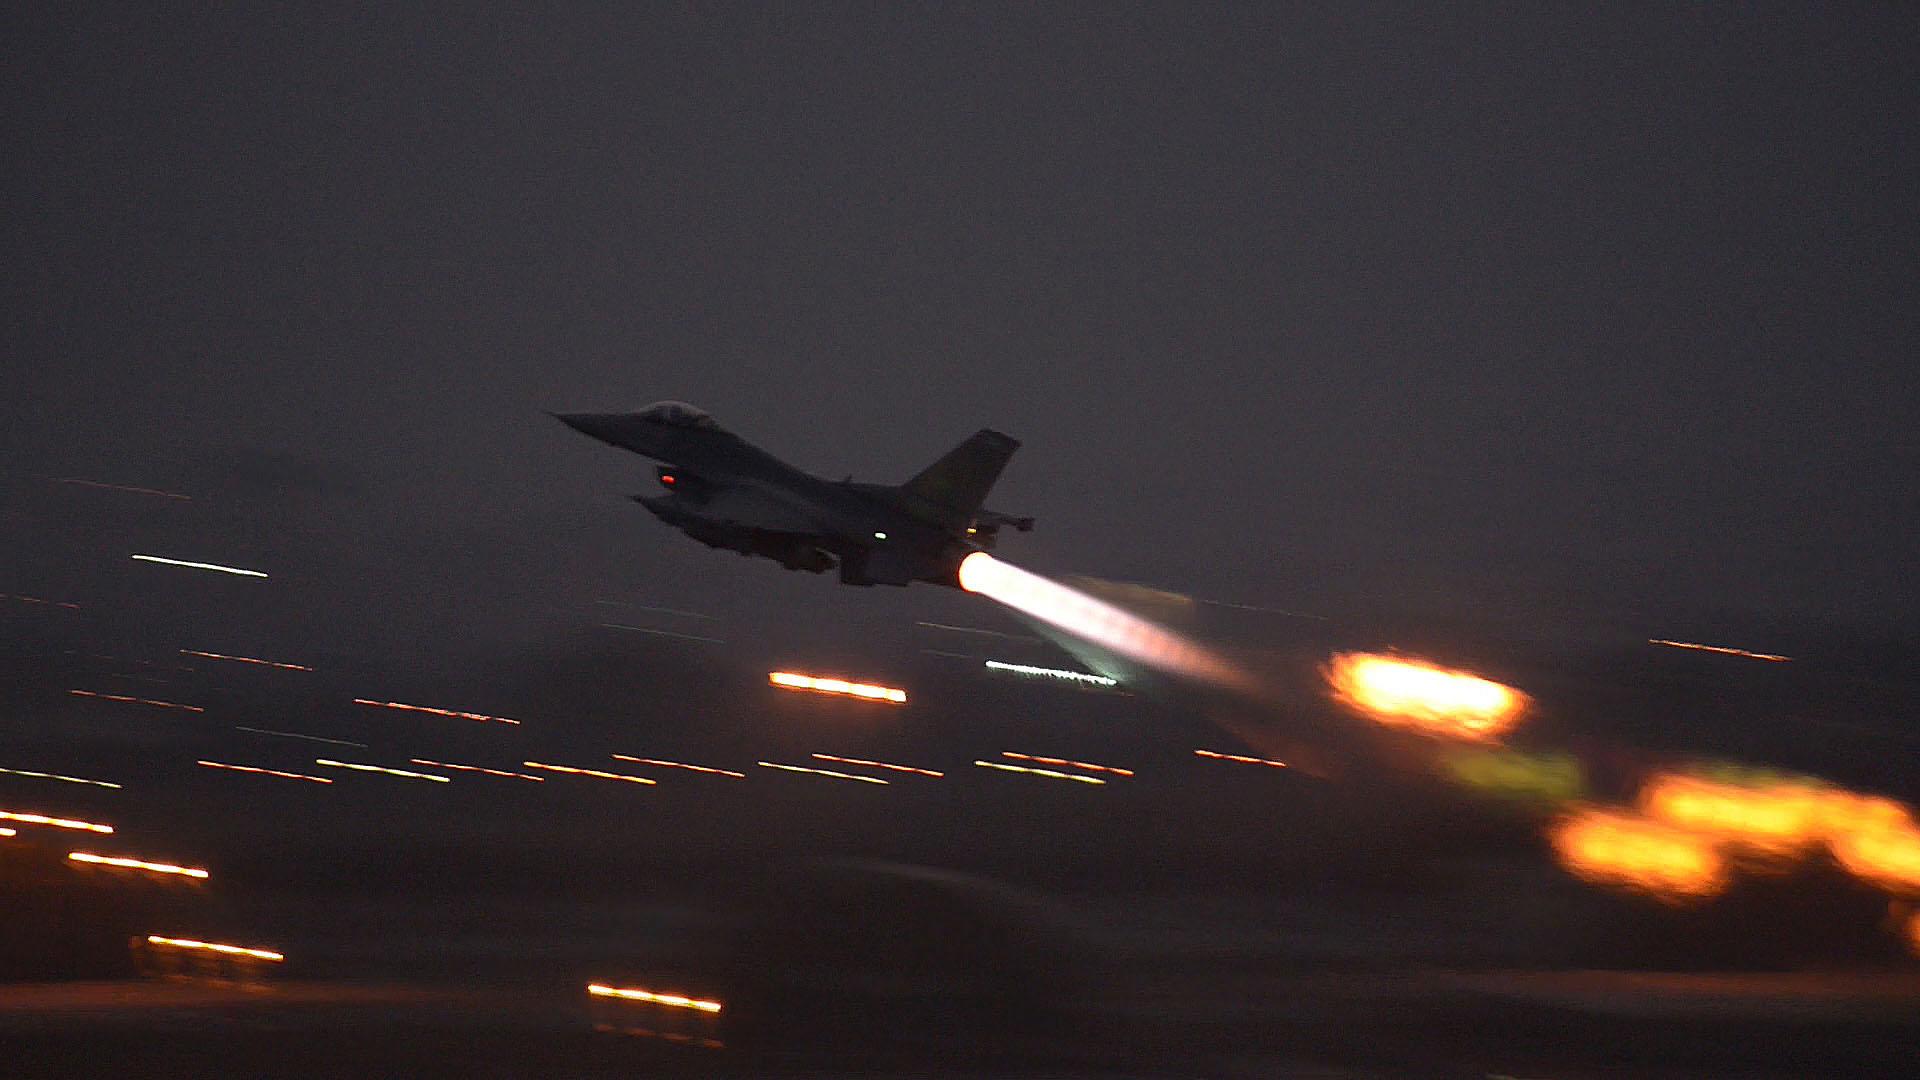 Gefährliche Eskalation: US-Luftwaffe greift Syrische Armee an